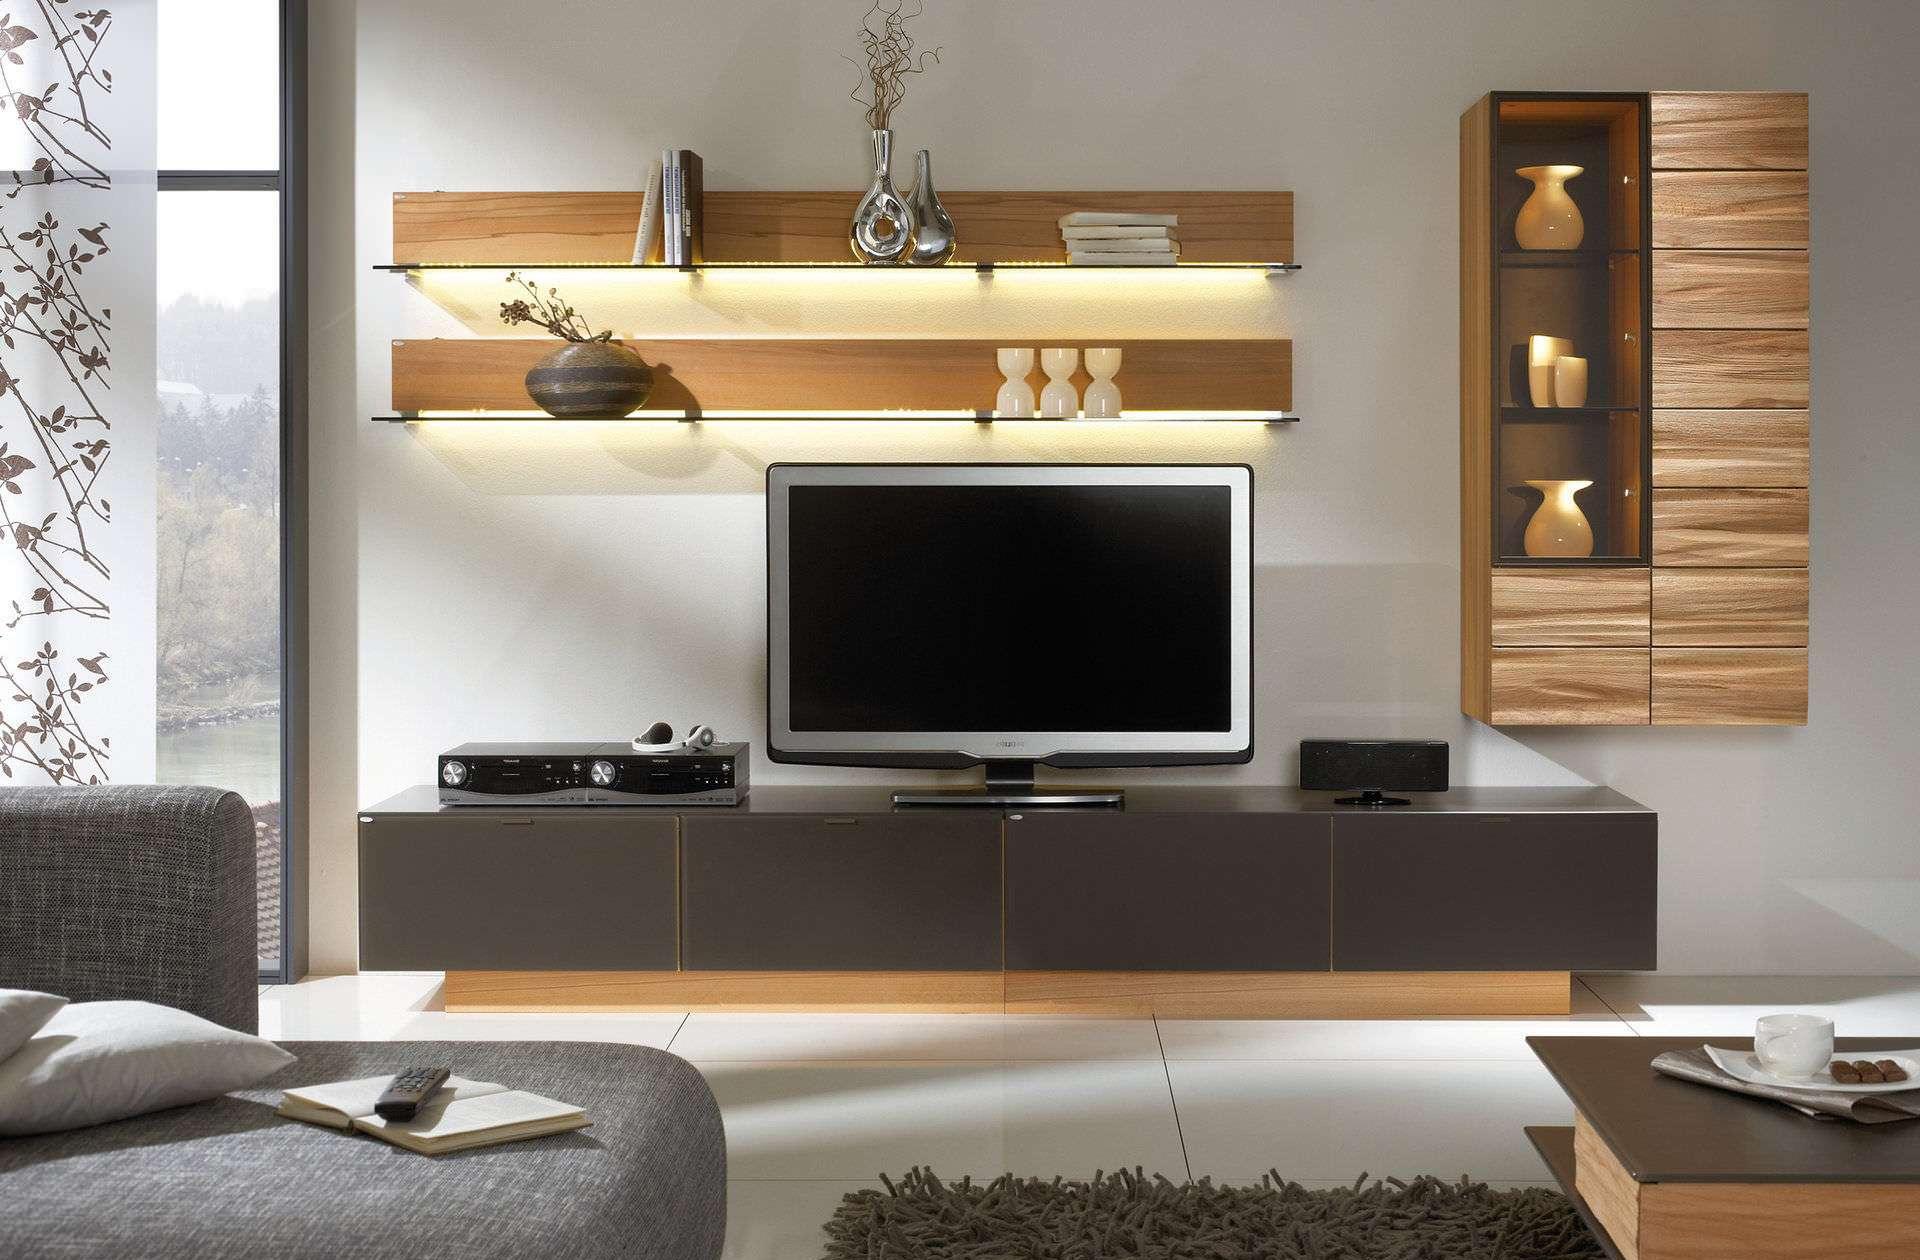 Tư vấn thiết kế nhà ở gi đình có đông thành viên với diện tích (3x10m), chi phí khoảng 670 triệu đồng - Ảnh 7.